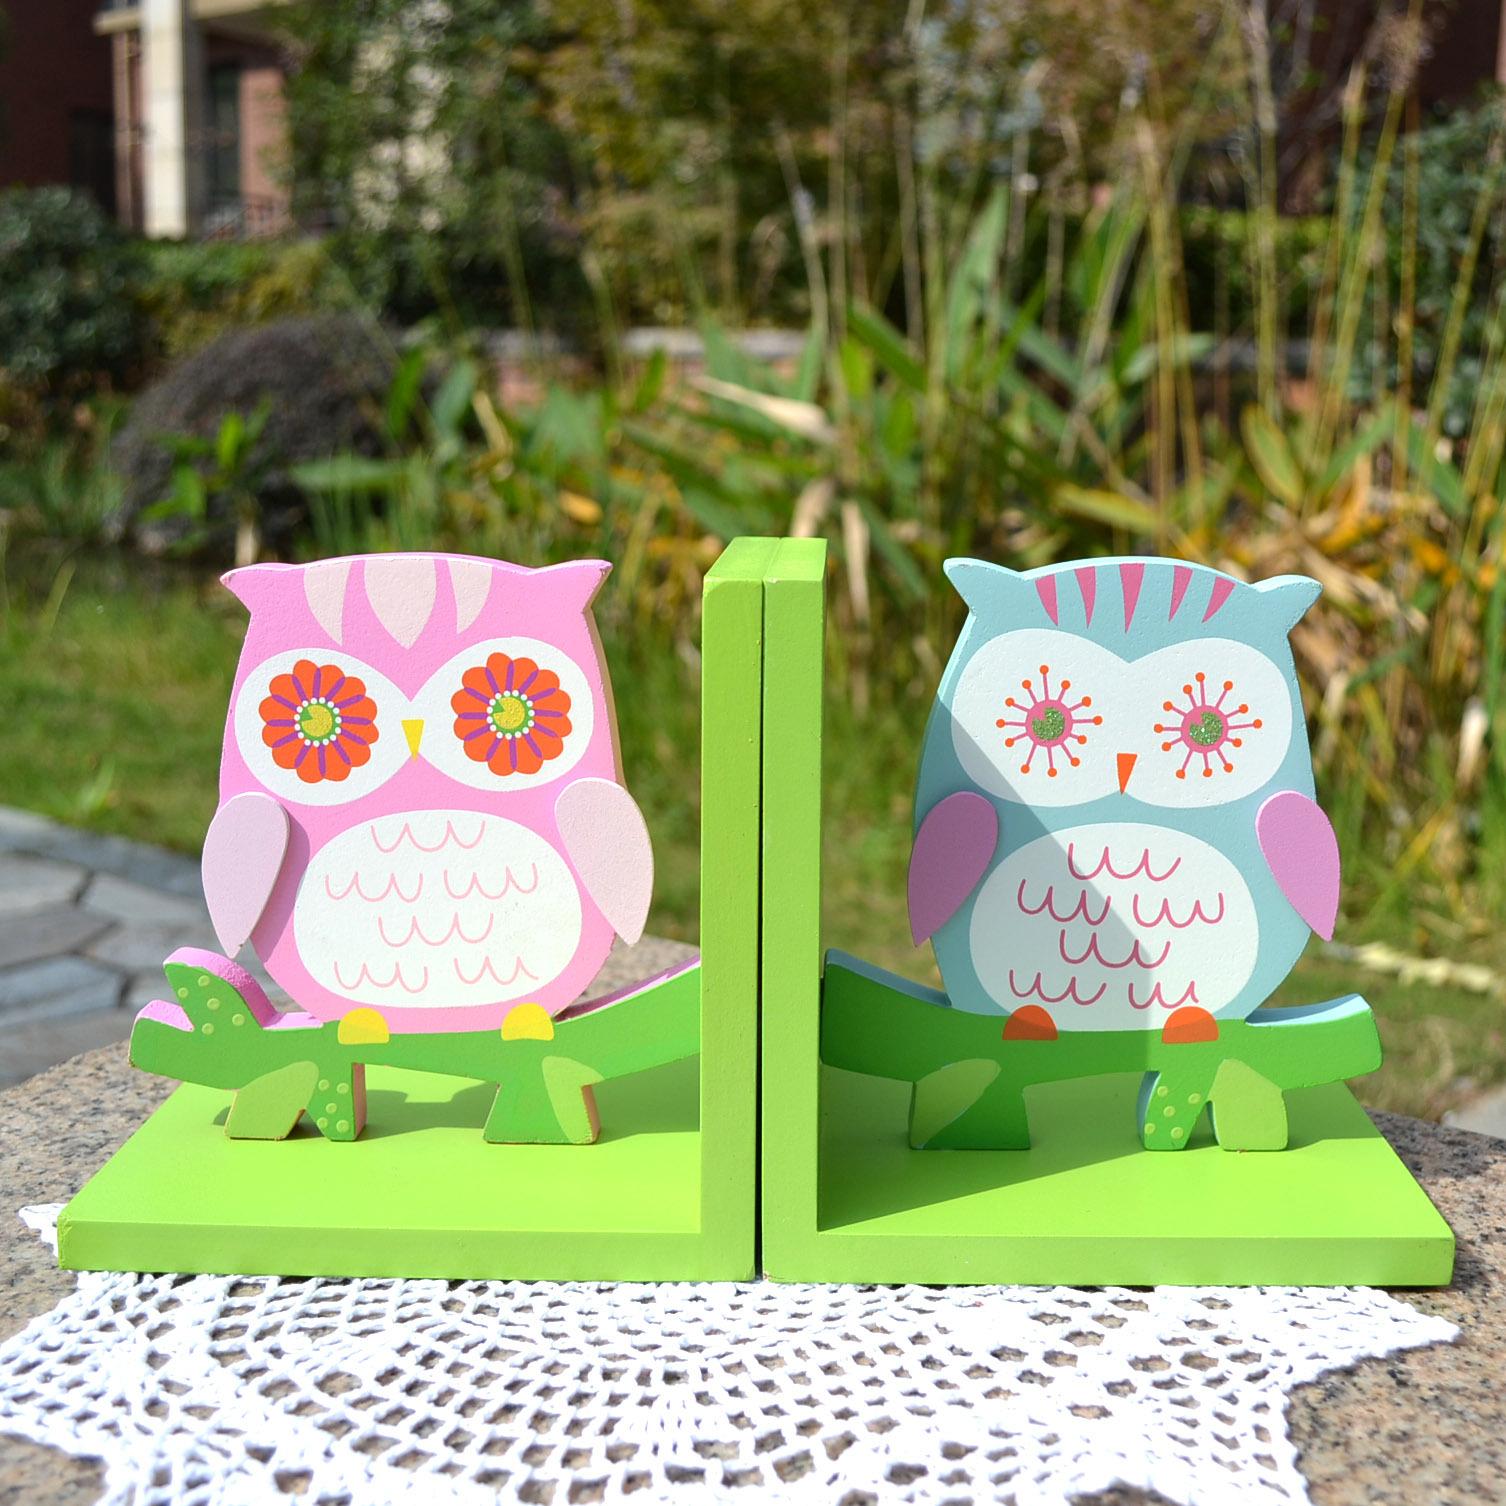 Kind echte wol decoratie uil boekbestand boekensteun boekenplank end geschenk huisdecoratie in - Decoratie kind ...